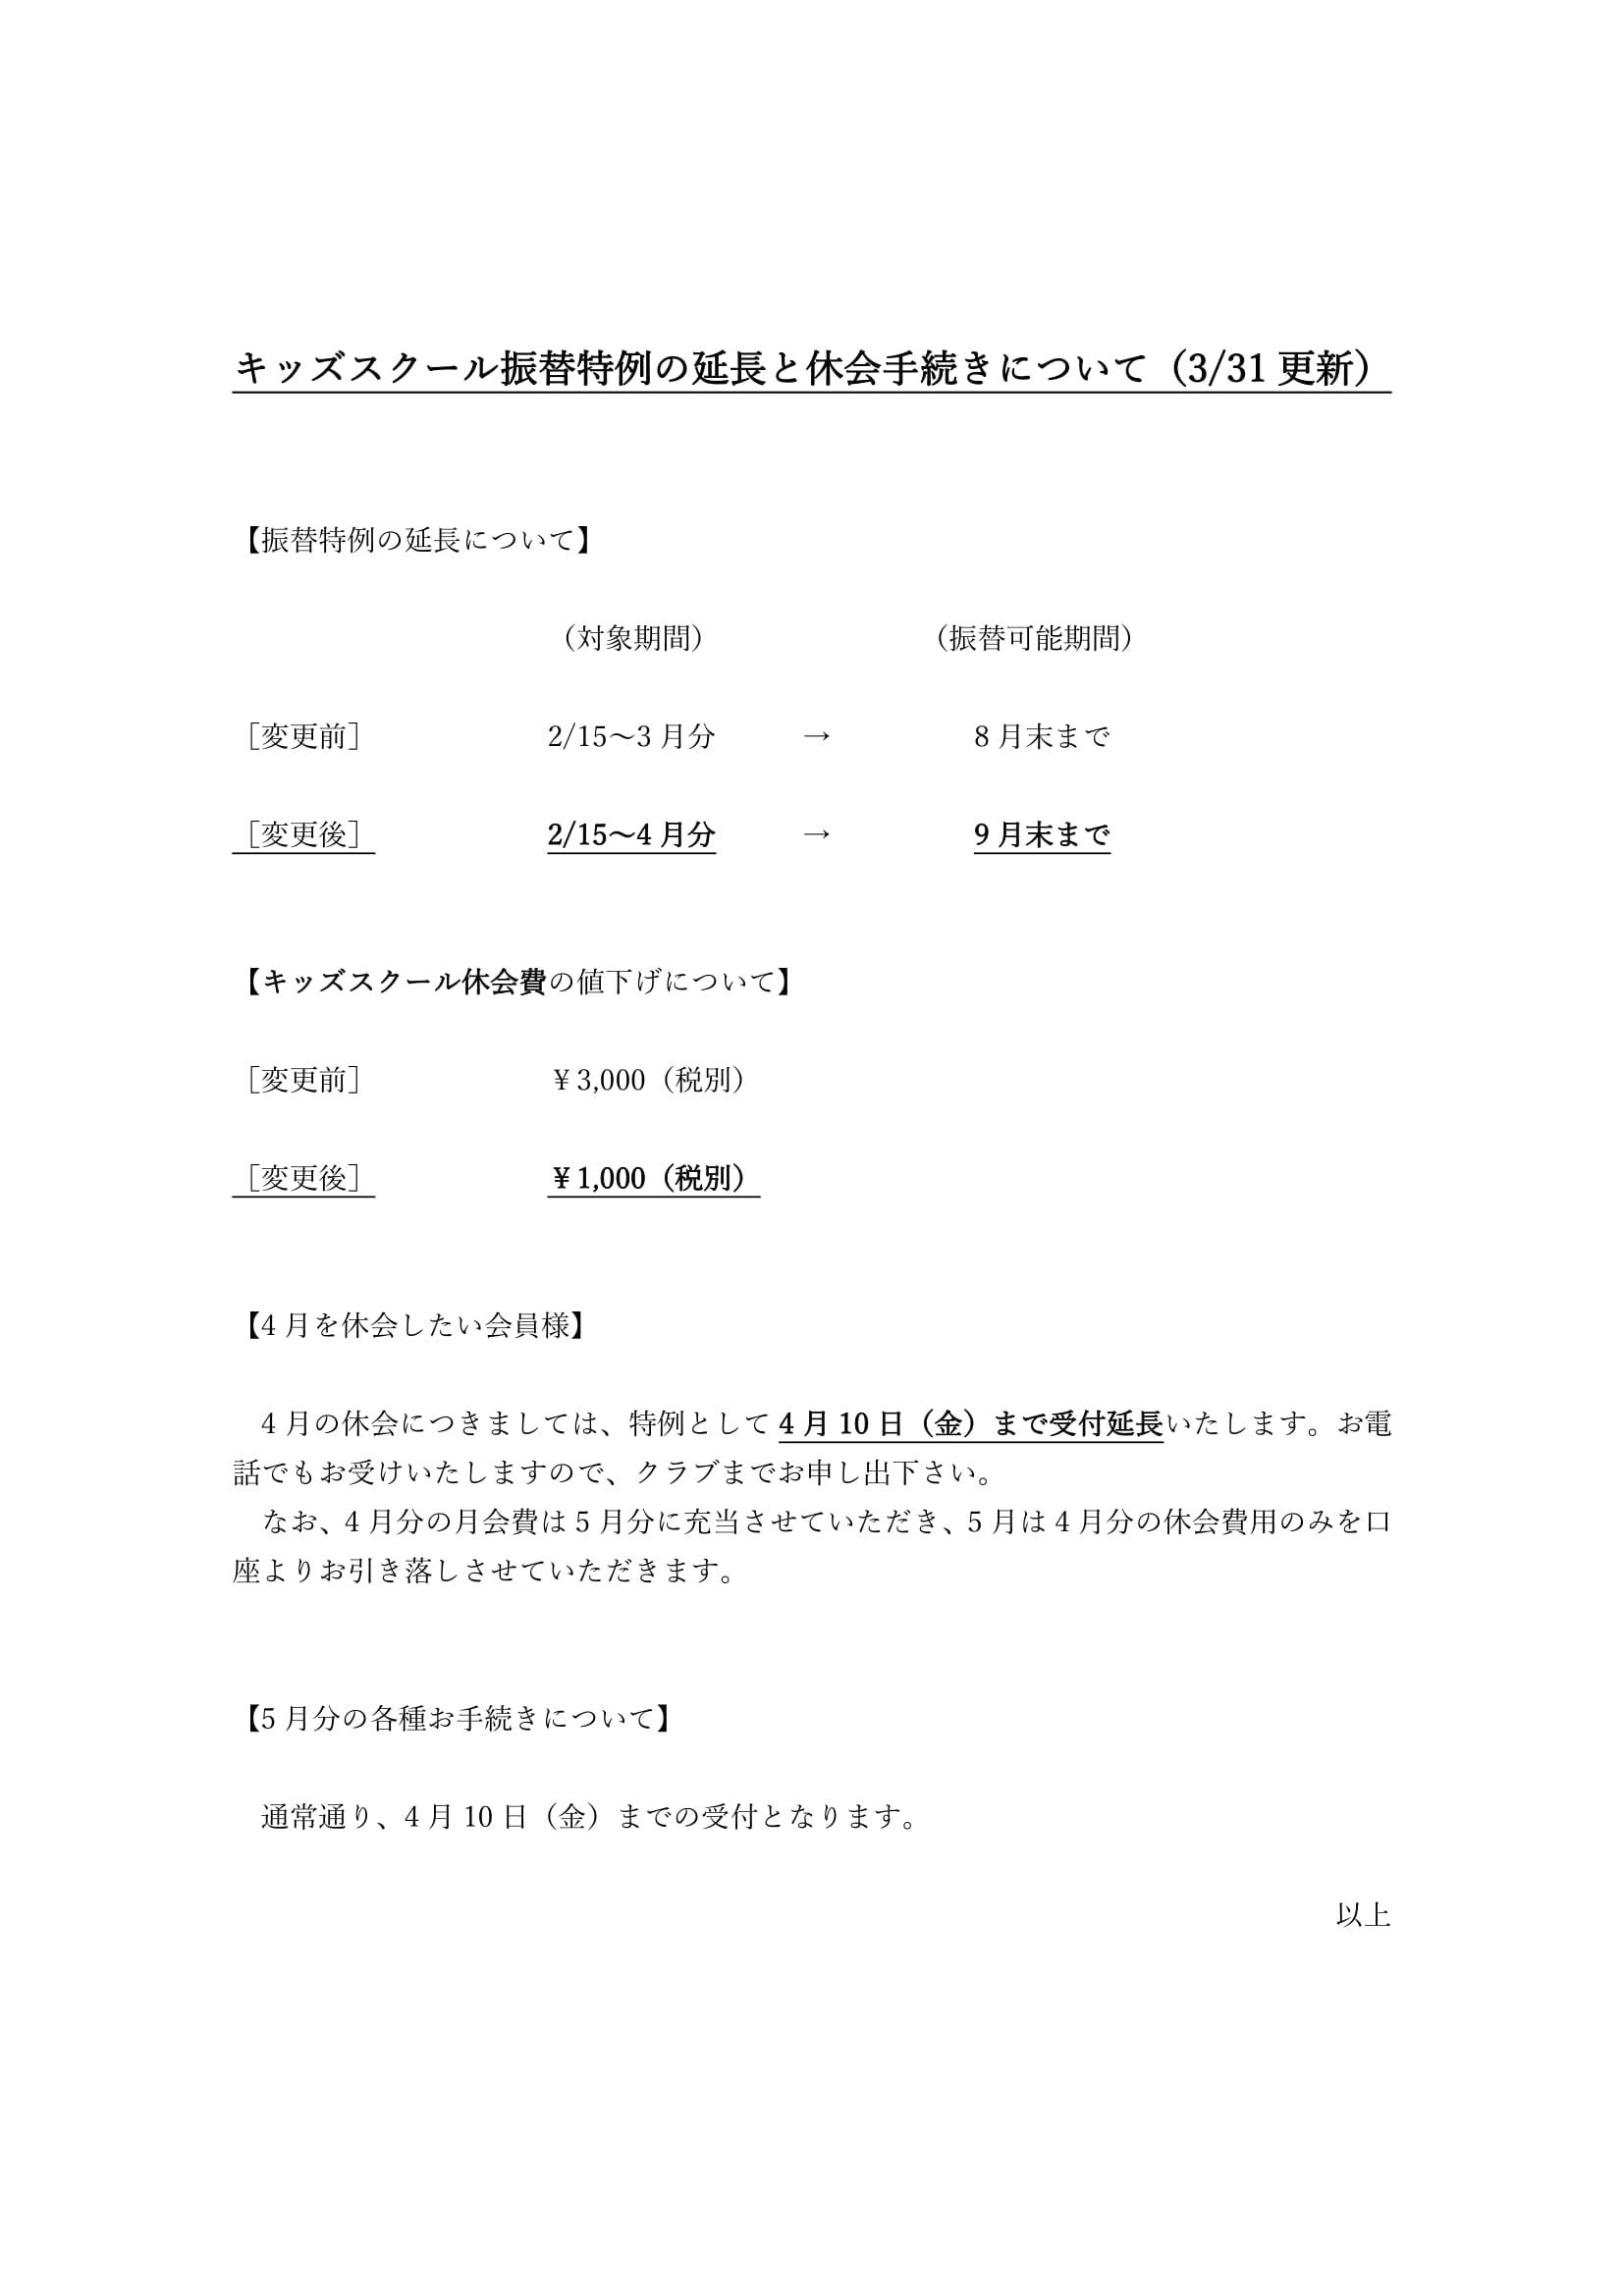 江北 振替特例の延長と4月休会手続きについて(3/31更新)